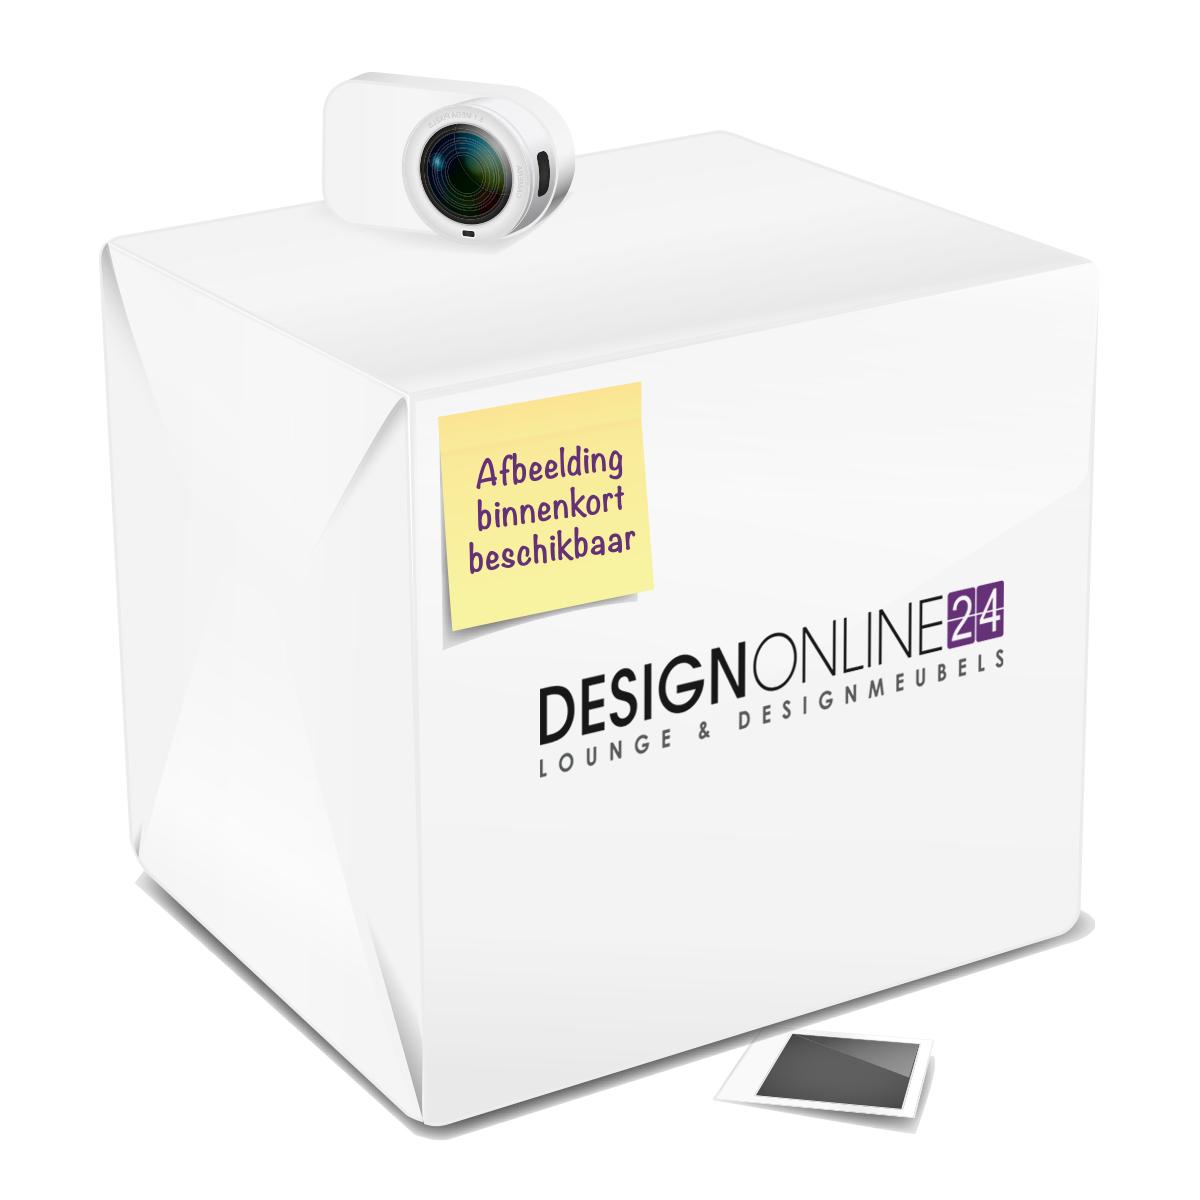 LaForma Luxe Eetkamerset - Compleet met verlichting en accessoires (demo)